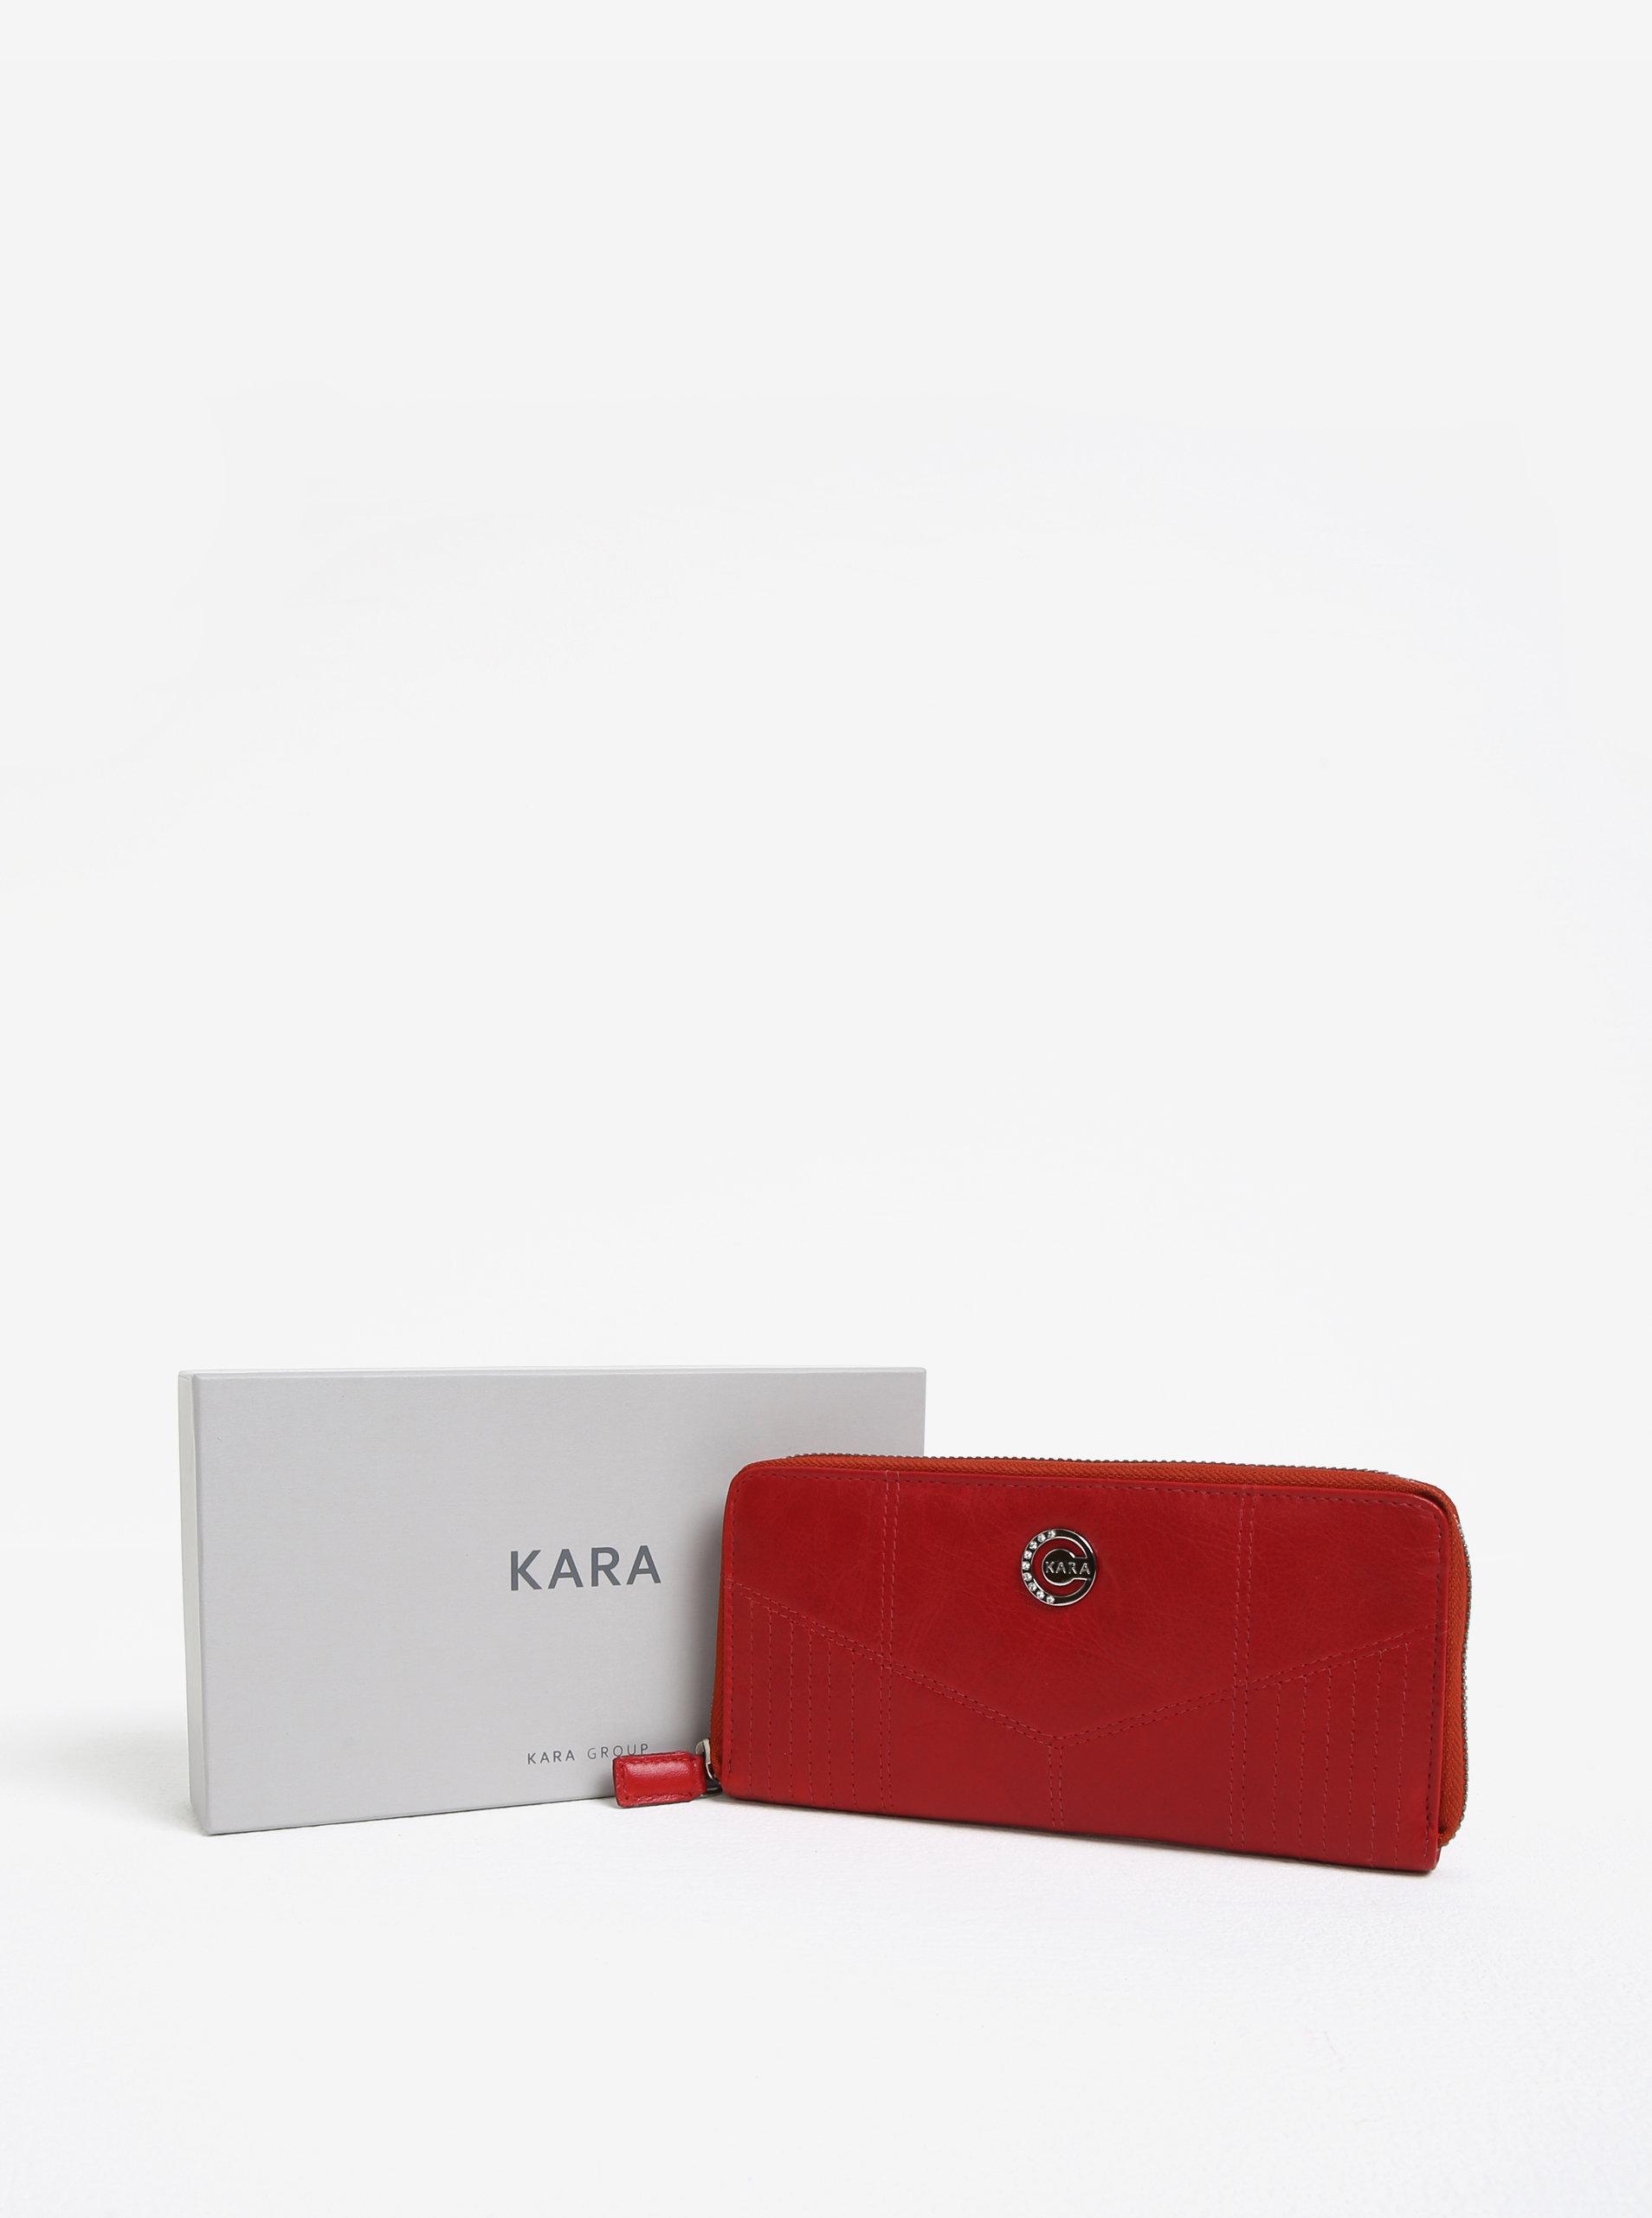 64914b03c4d4 Červená dámska veľká kožená peňaženka na zips KARA ...